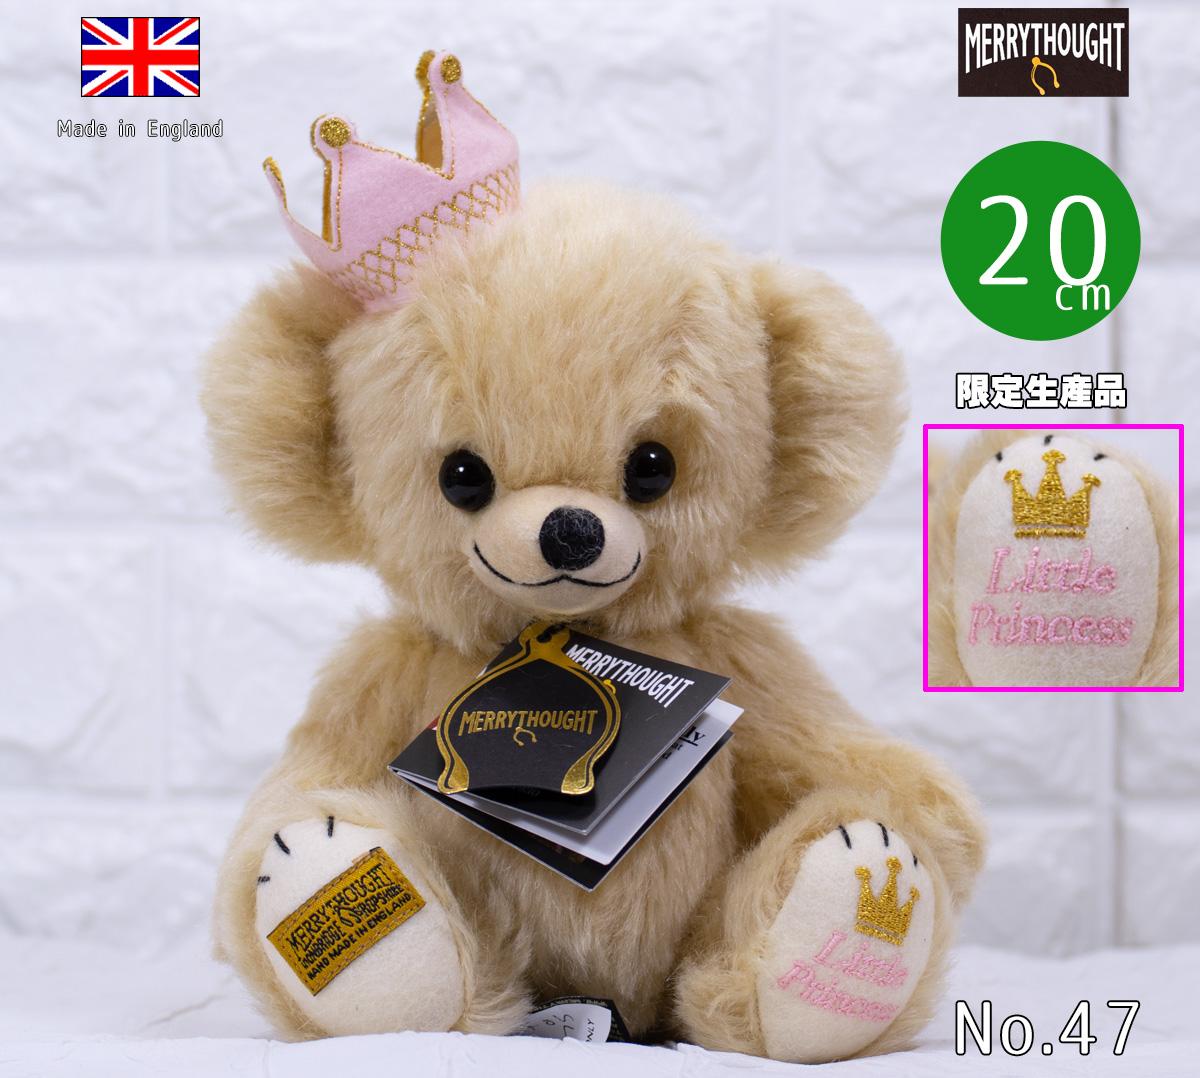 2019年世界限定 チーキー タビー プリンセス 23cm テディベア ぬいぐるみ プレゼント コレクション クリスマス